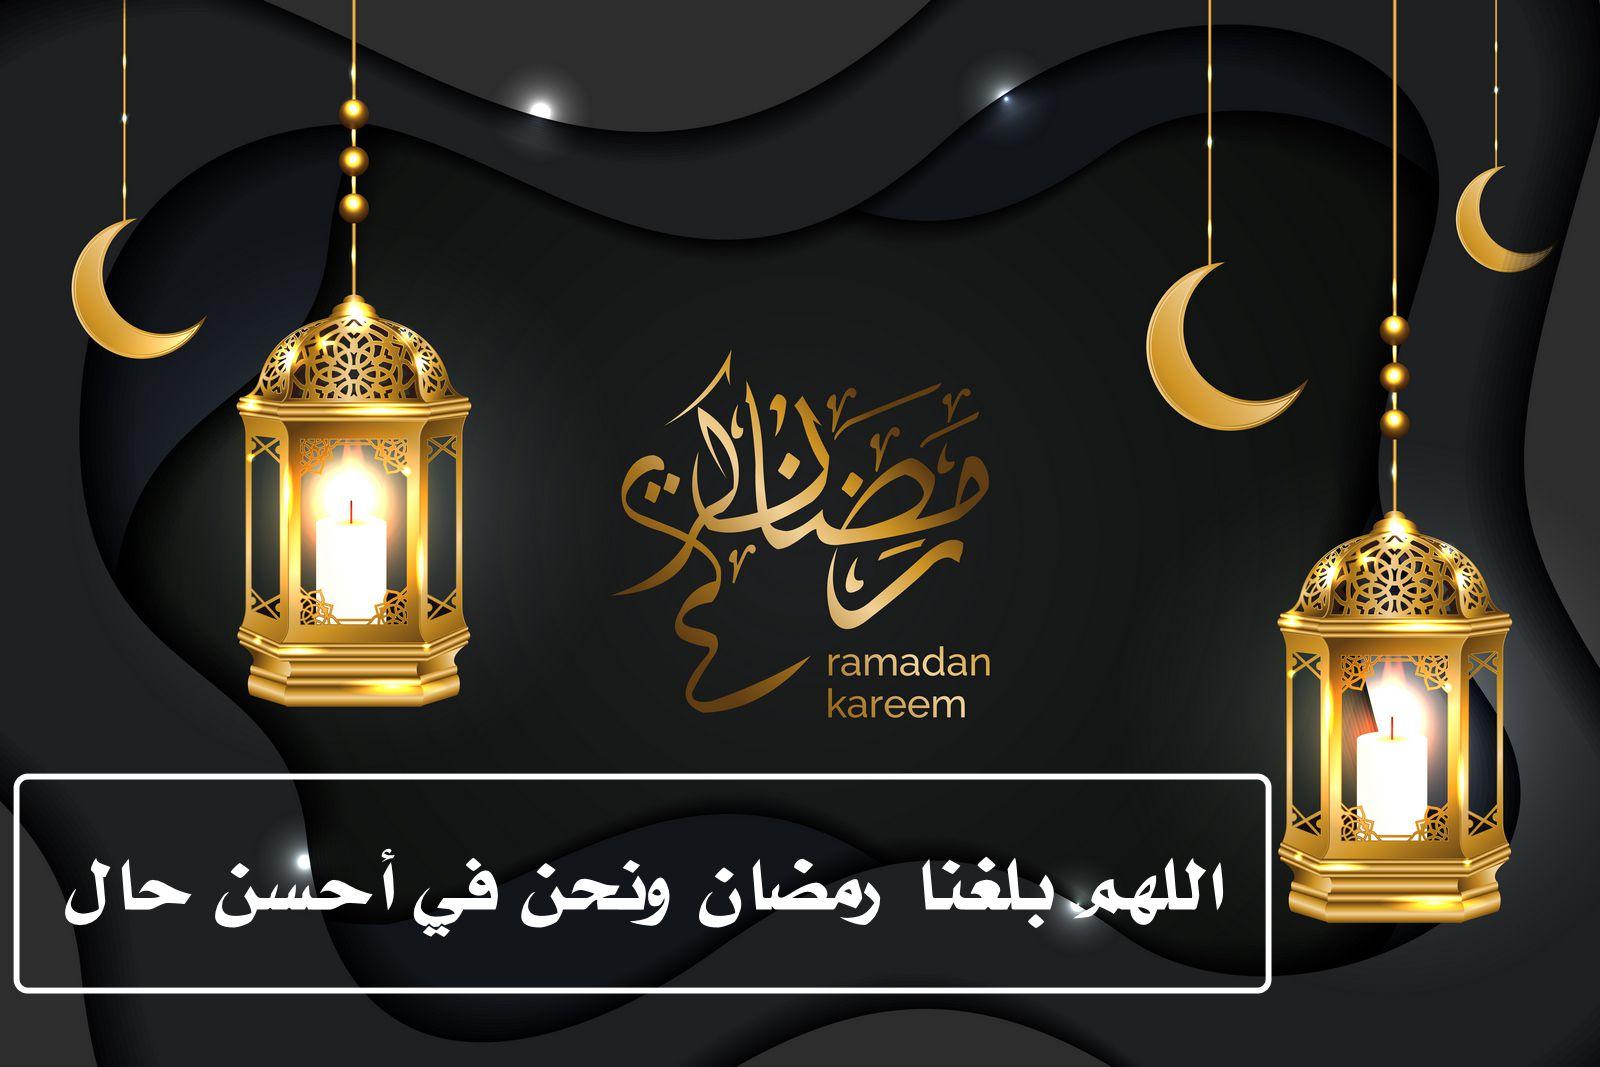 حديث اللهم بلغنا رمضان